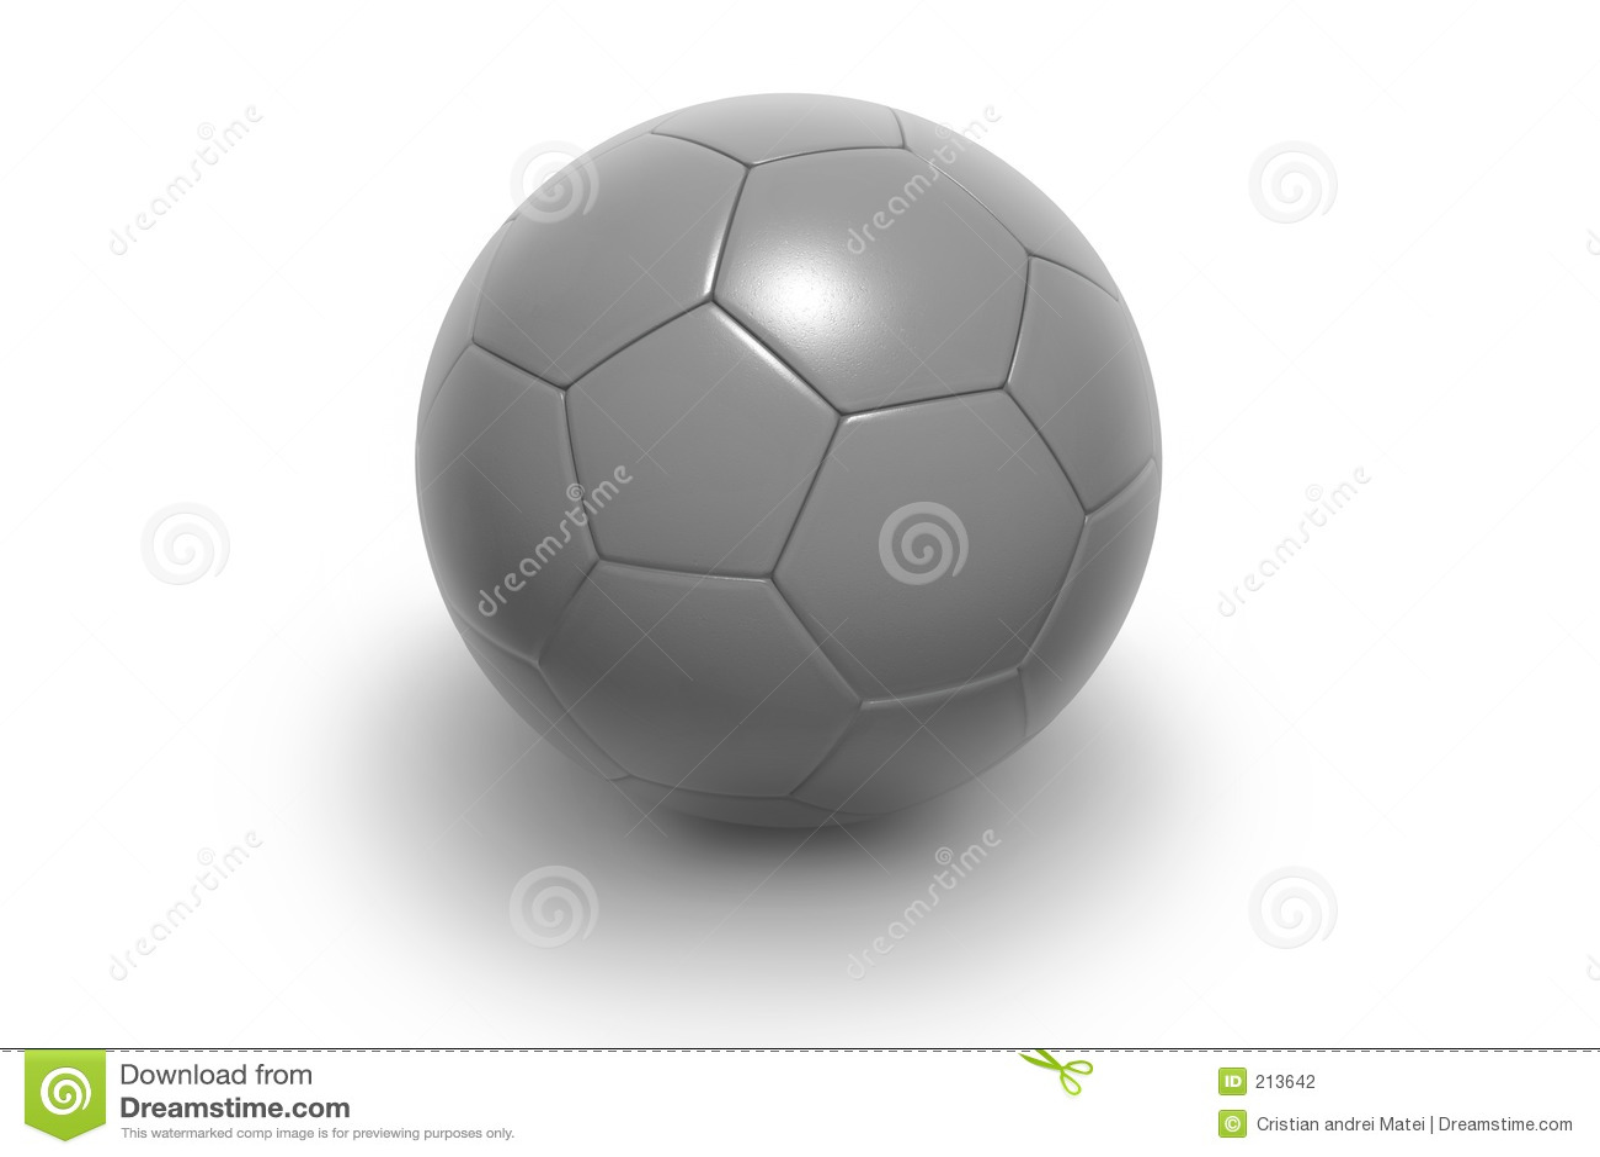 Calcio ball8